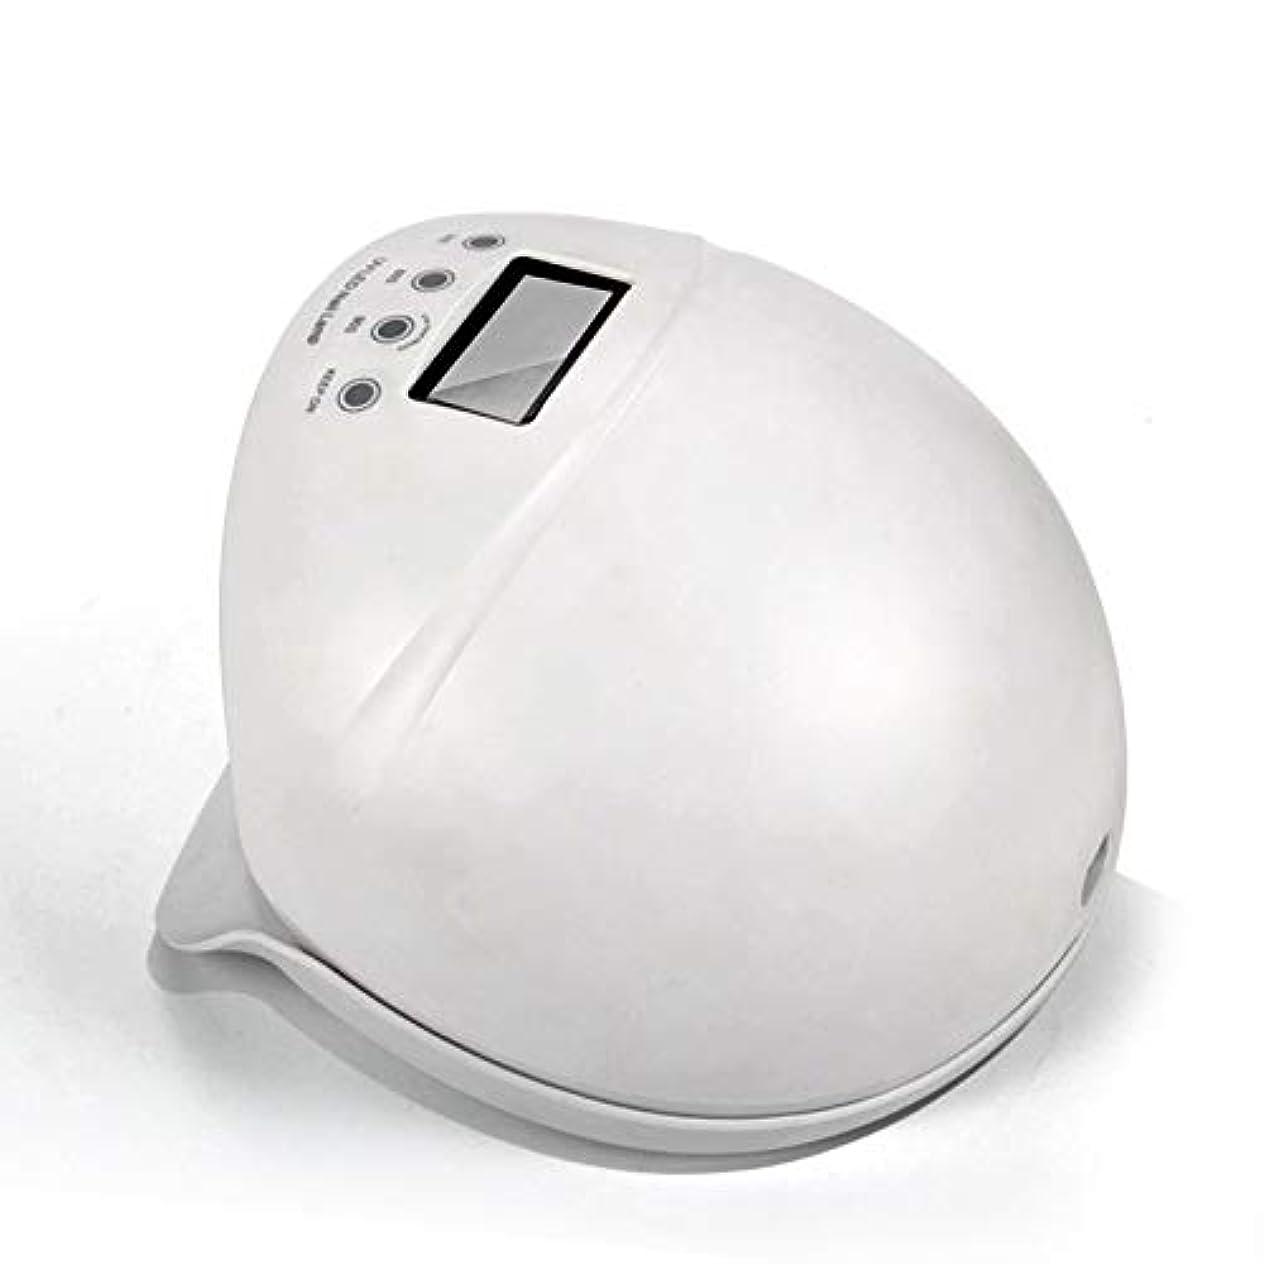 屋内致死見てネイルライト50ワットuv ledネイルドライヤー無痛硬化ランプ付き自動誘導ledディスプレイ3タイマーセットネイルとtoenailジェルポリッシュ